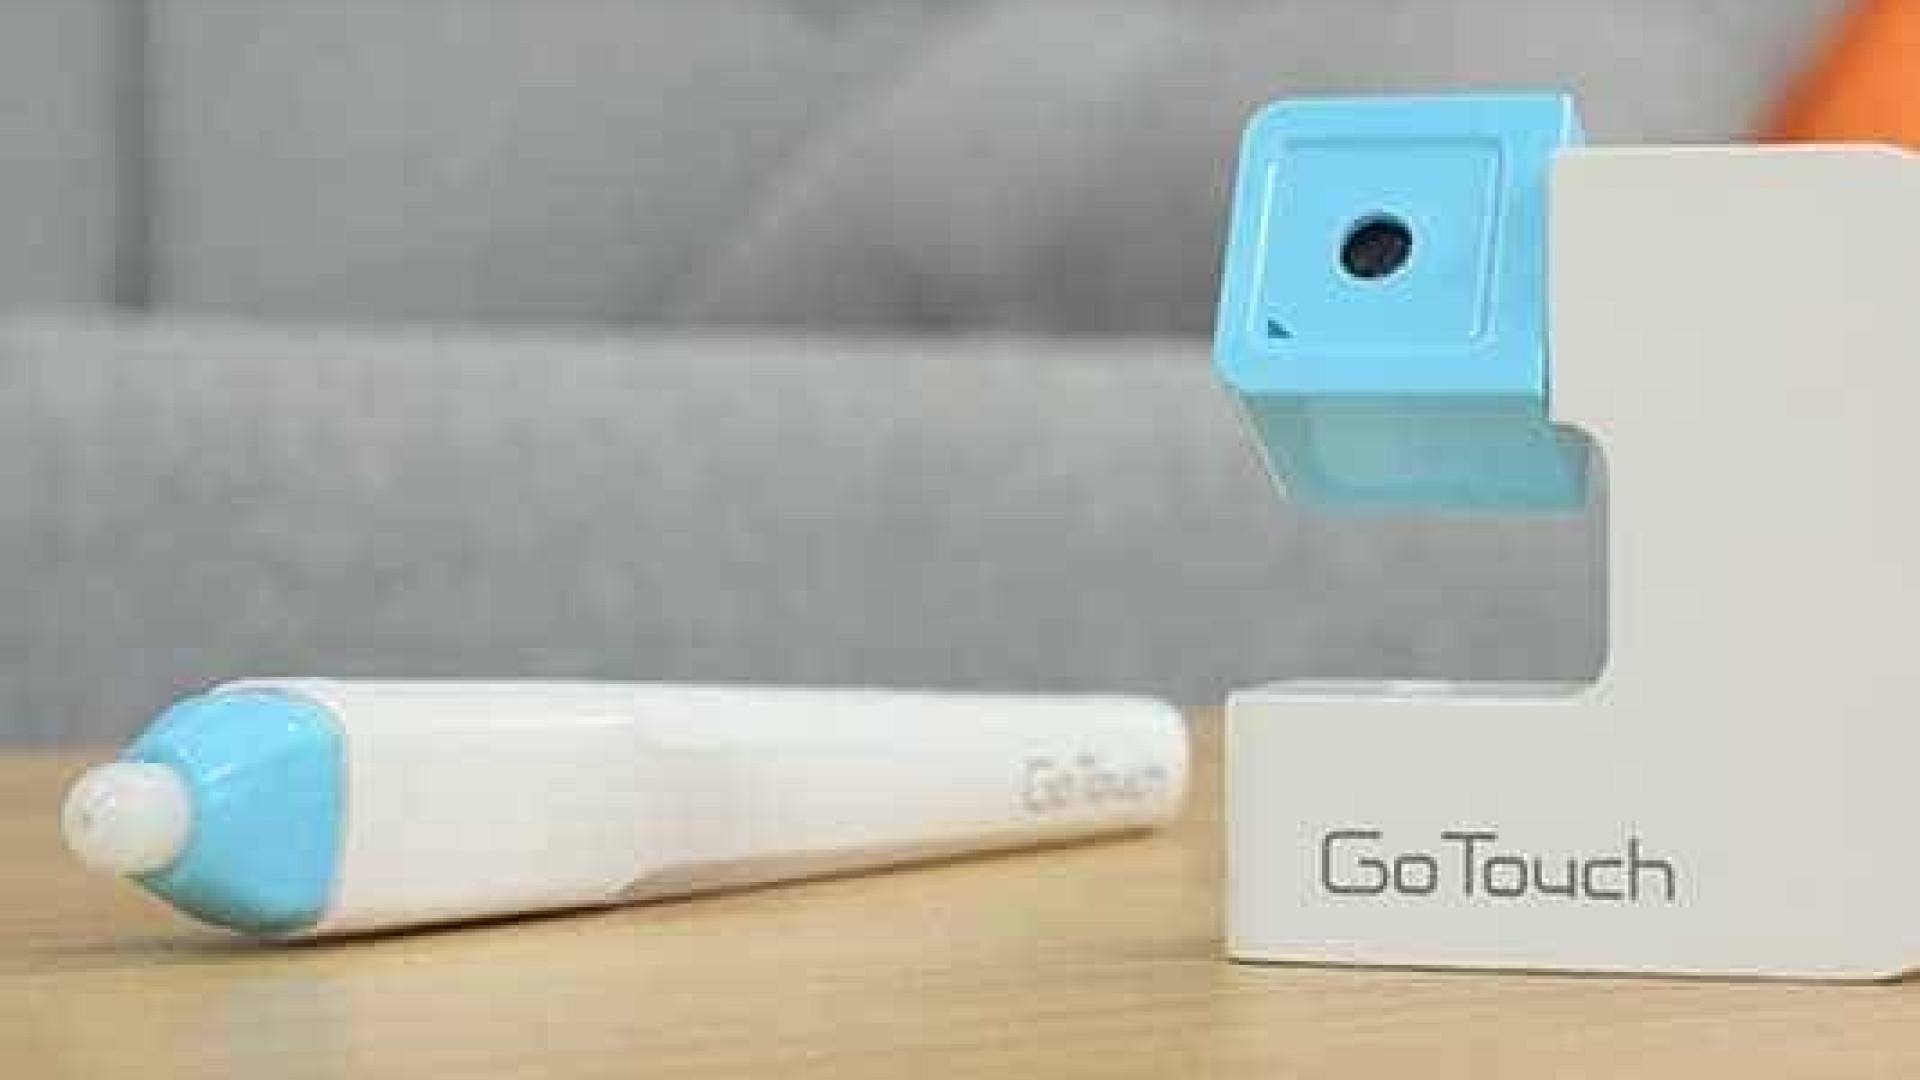 GoTouch transforma qualquer TV em painel interativo